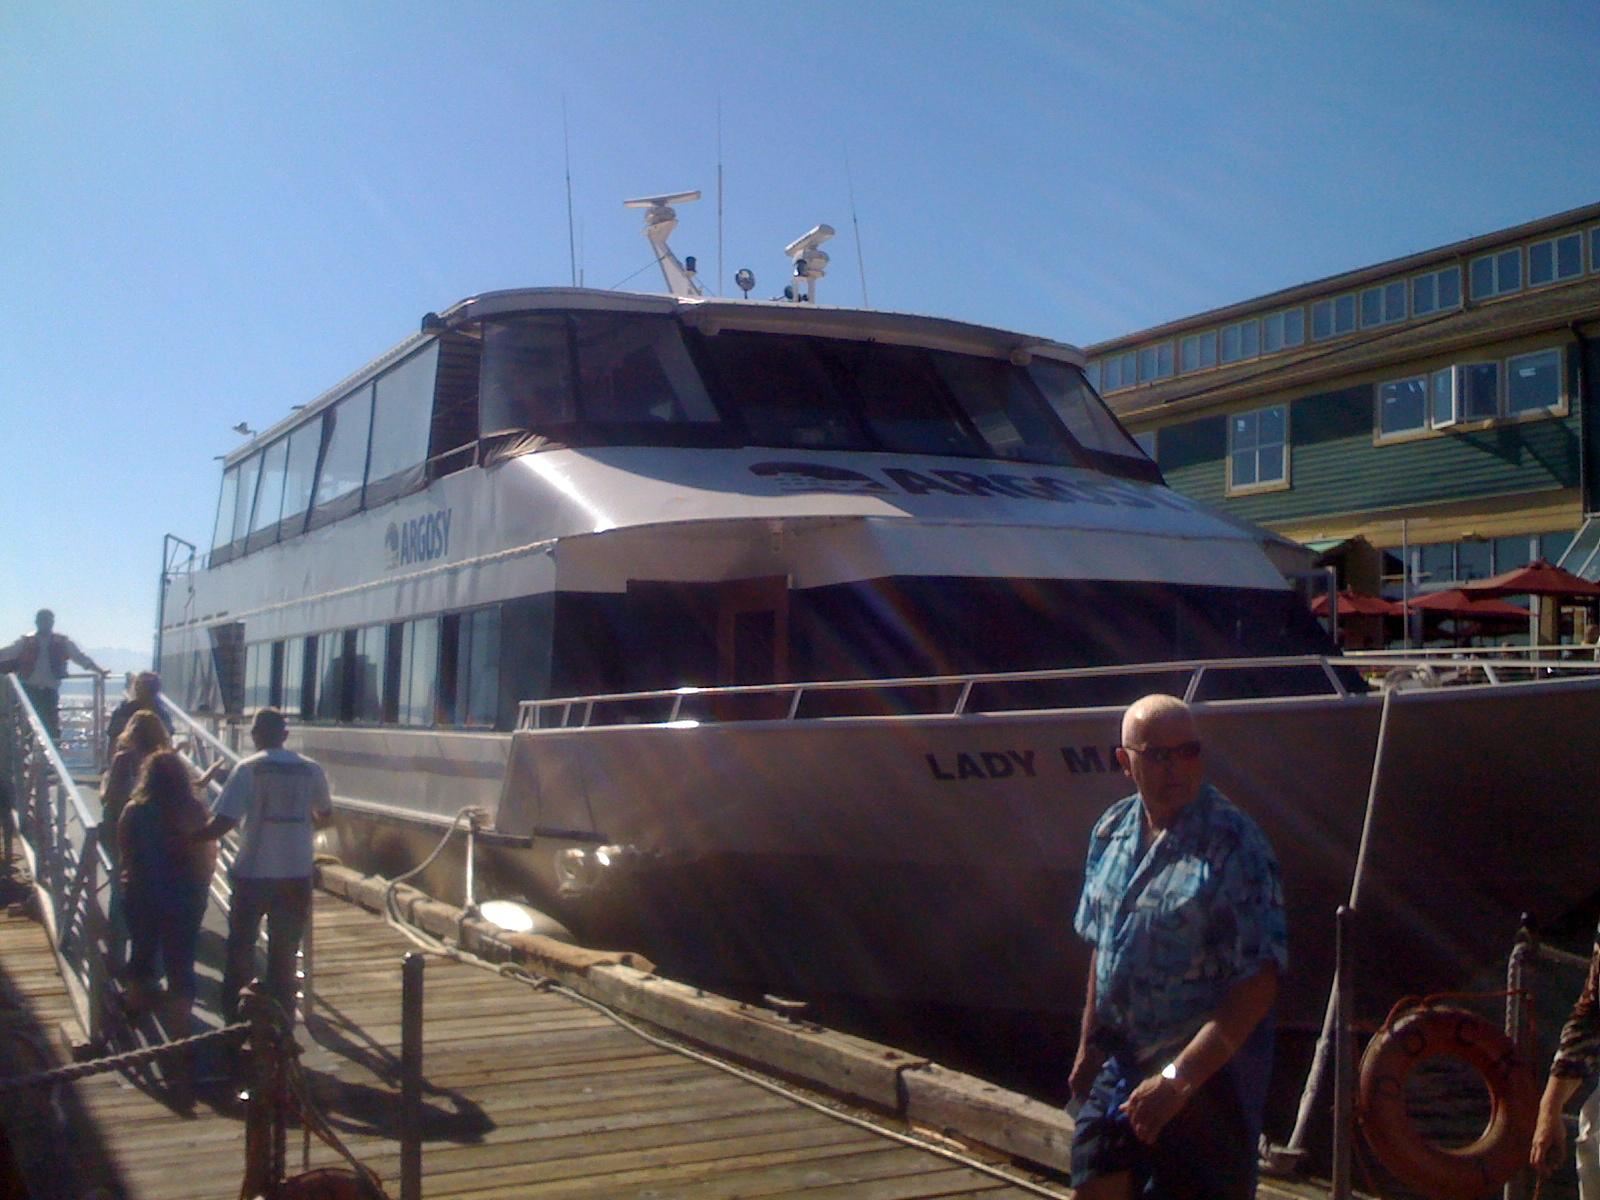 Pam & Jon, July 23 on Argosy Cruise